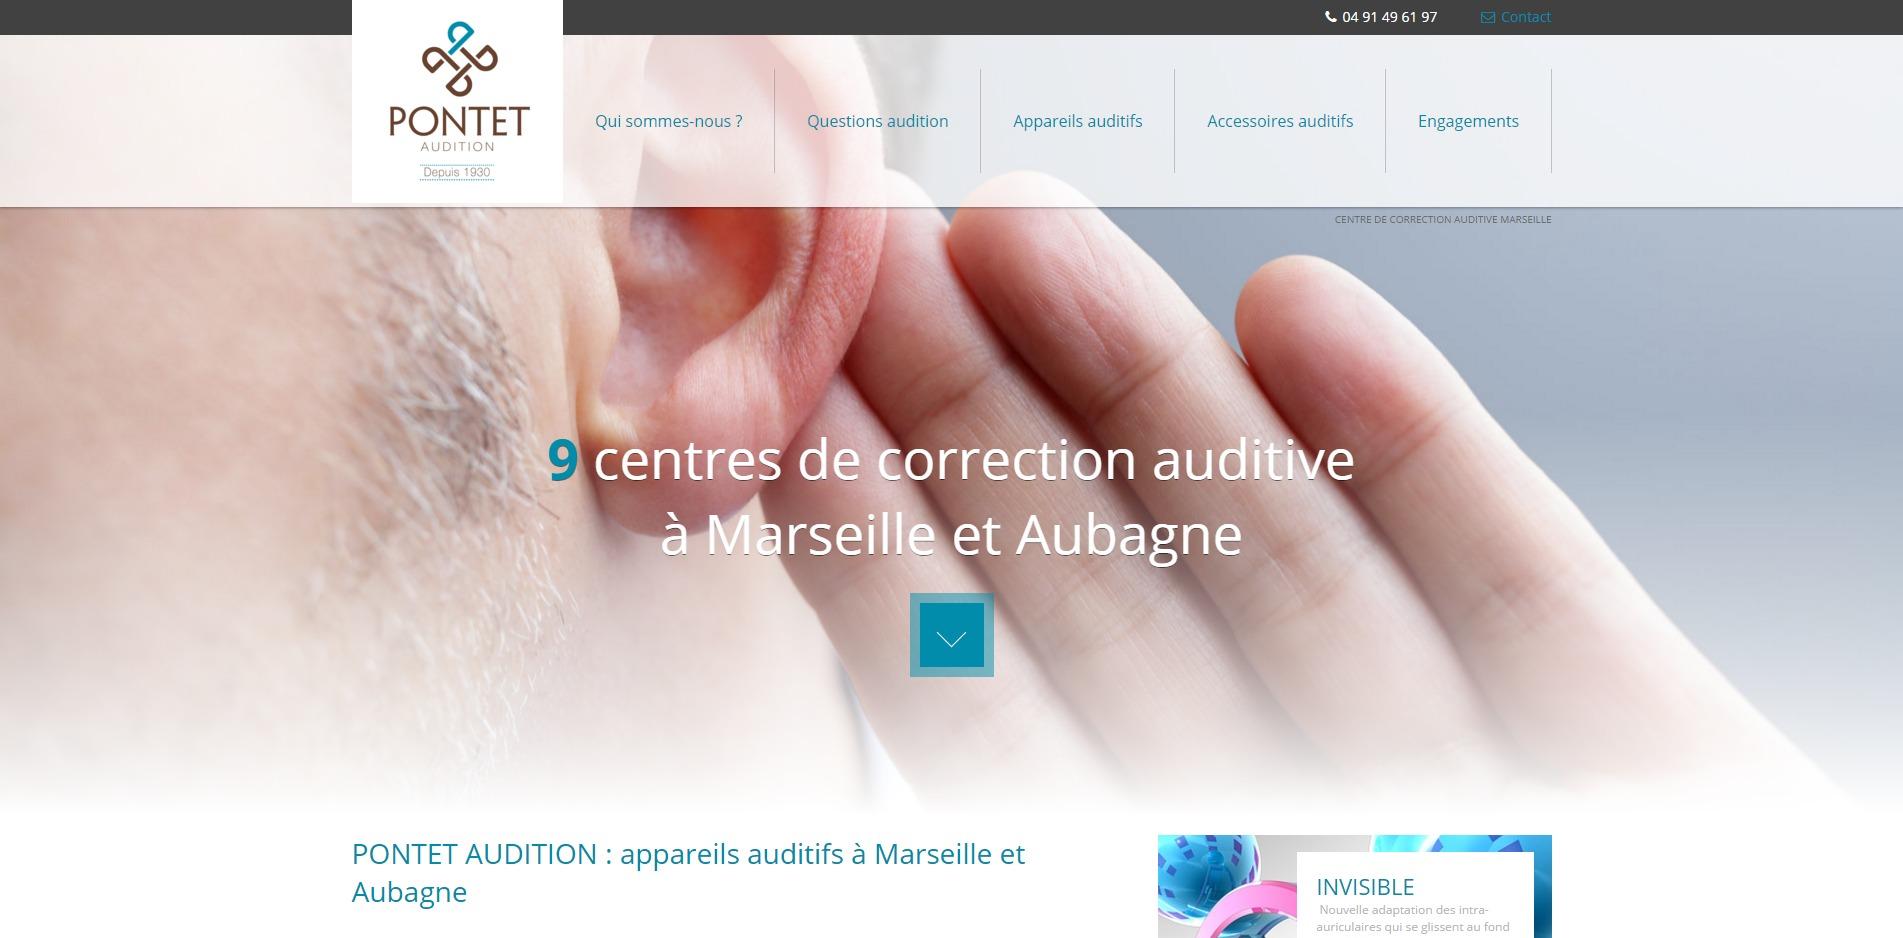 Annuaire des opticiens et des centres auditifs - Astus Santé 75c512ca5323